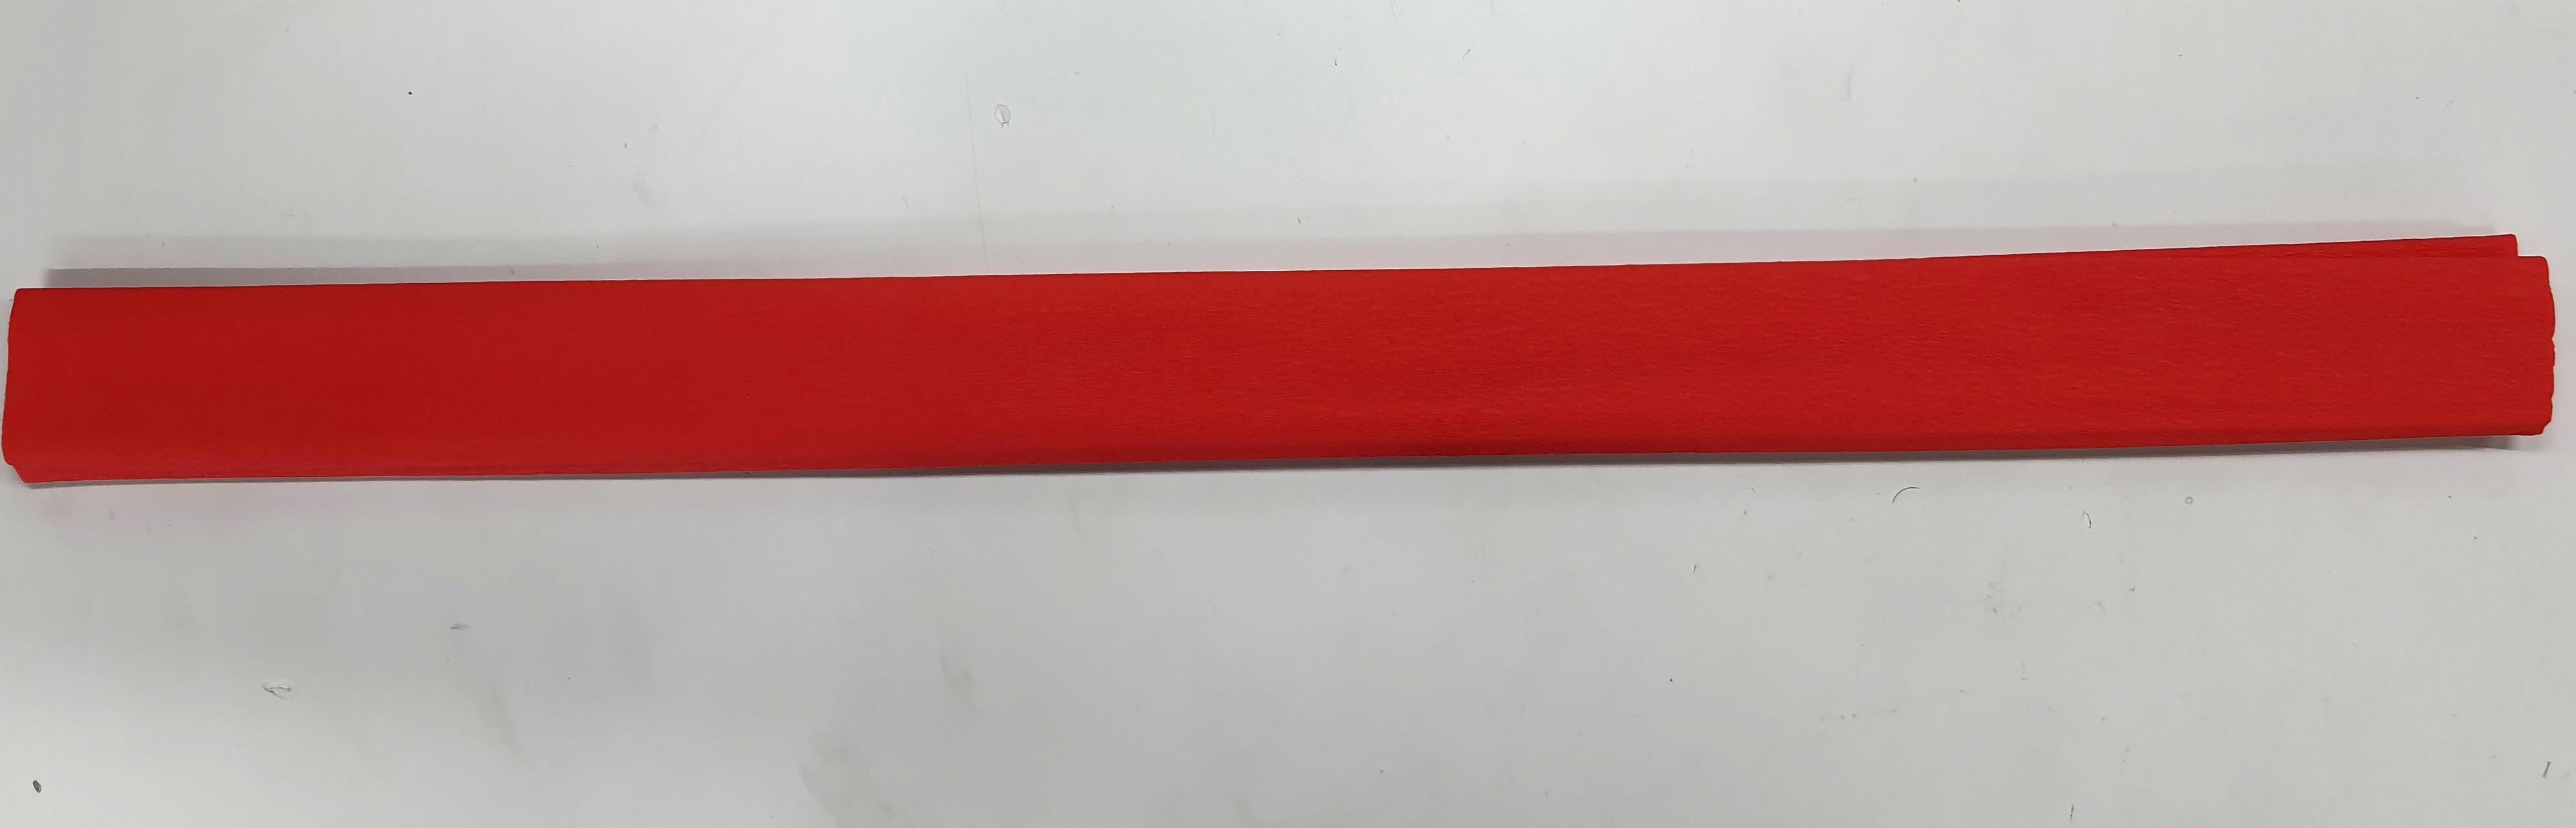 קרפ בודד אדום